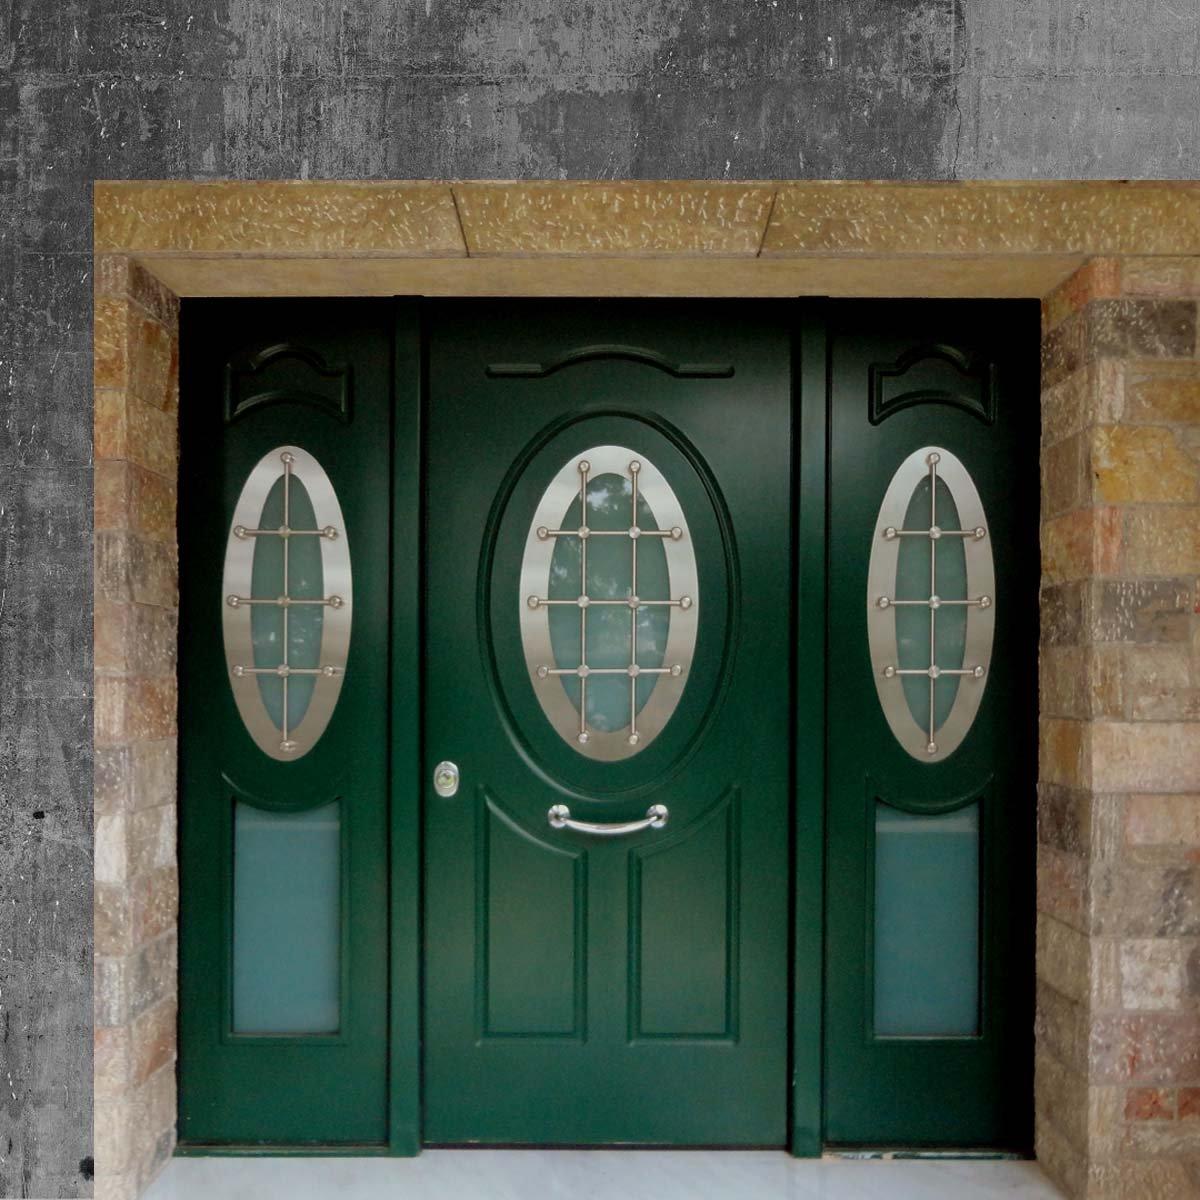 Παραδοσιακές πόρτες πολυκατοικίας